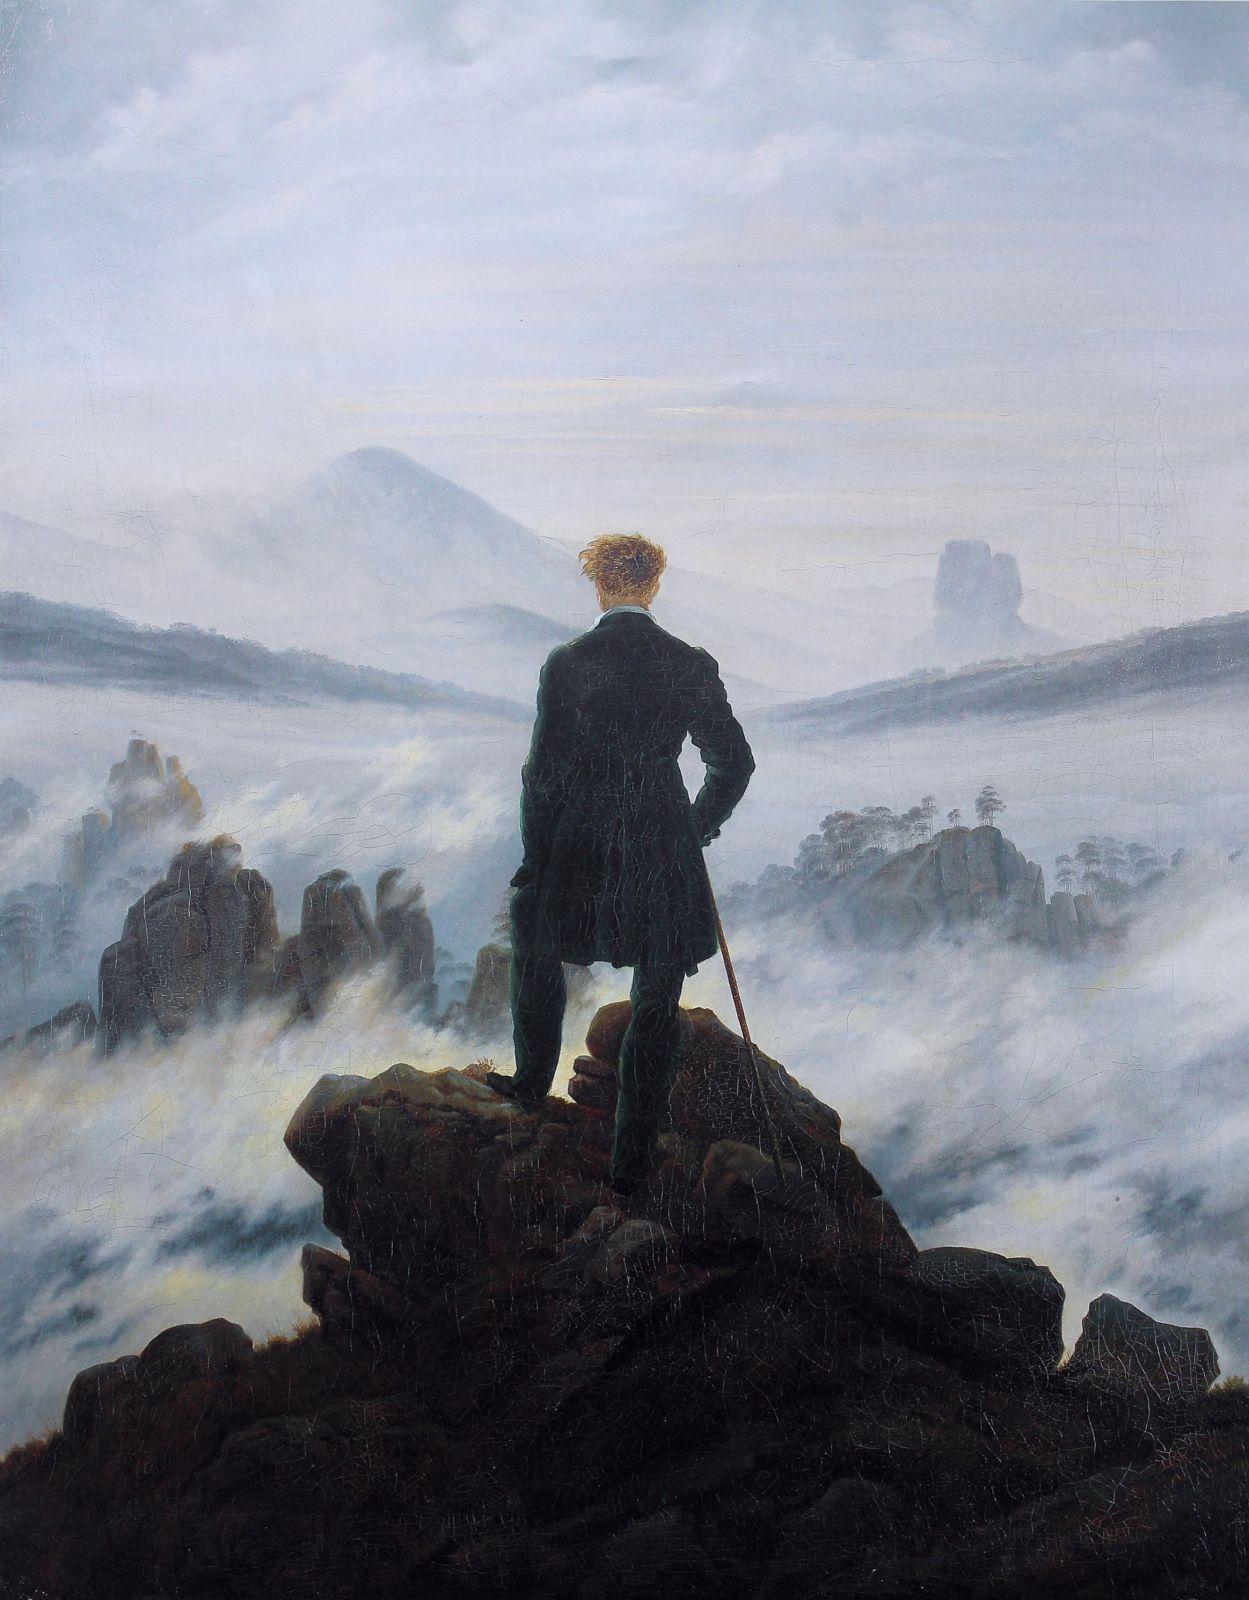 """קספר דויד פרידריך, """"ההלך מעל ים הערפל"""", 1818, המוזיאון לאמנות של המבורג"""